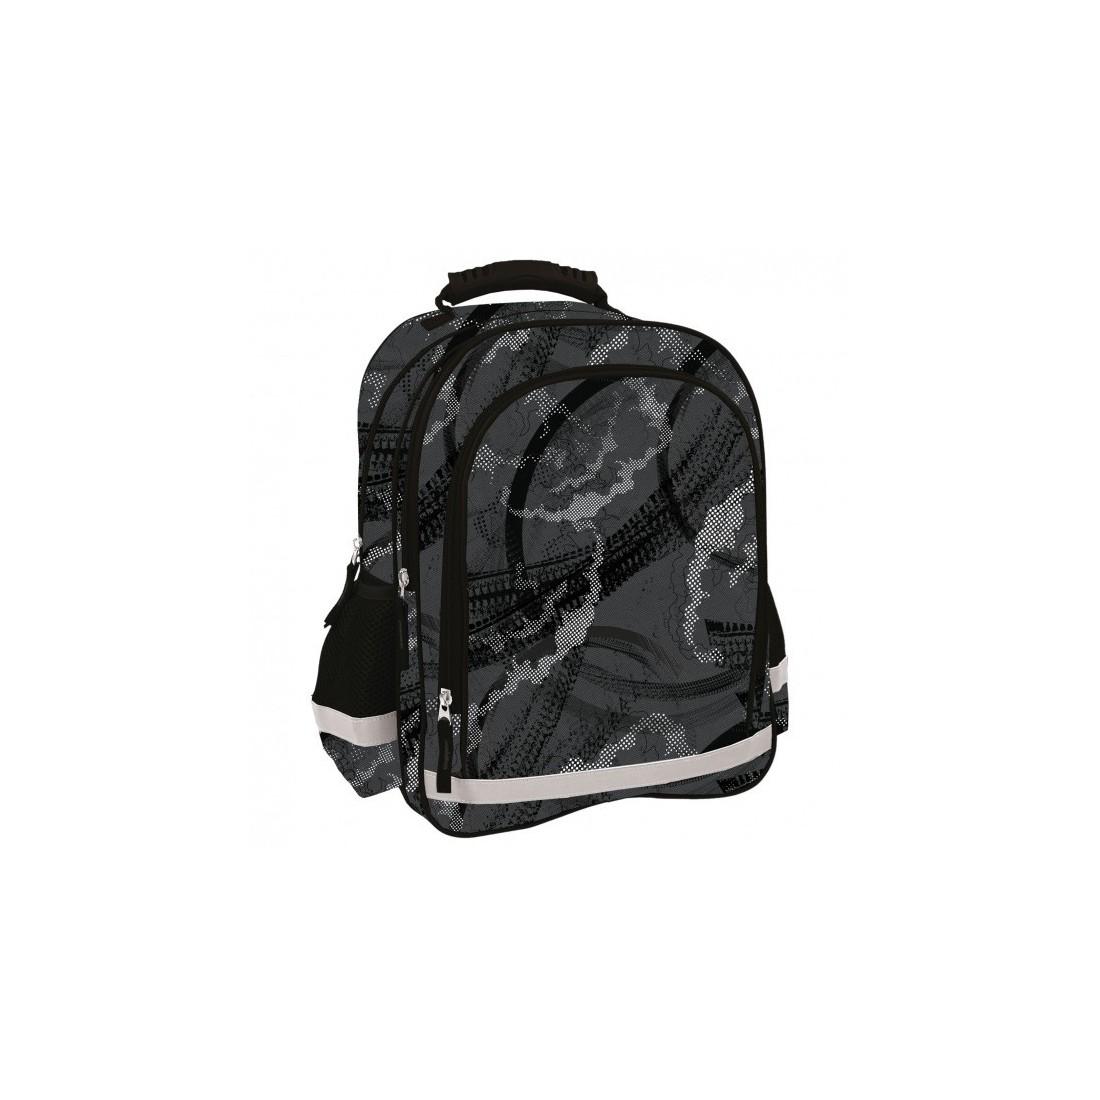 96d5b60749b3d Szary plecak do 1 klasy dla chłopca, idealny dla młodego tradycjonalisty,  który nie przepada za kolorowymi plecakami. Plecak posiada 3 praktyczne  przegrody, ...